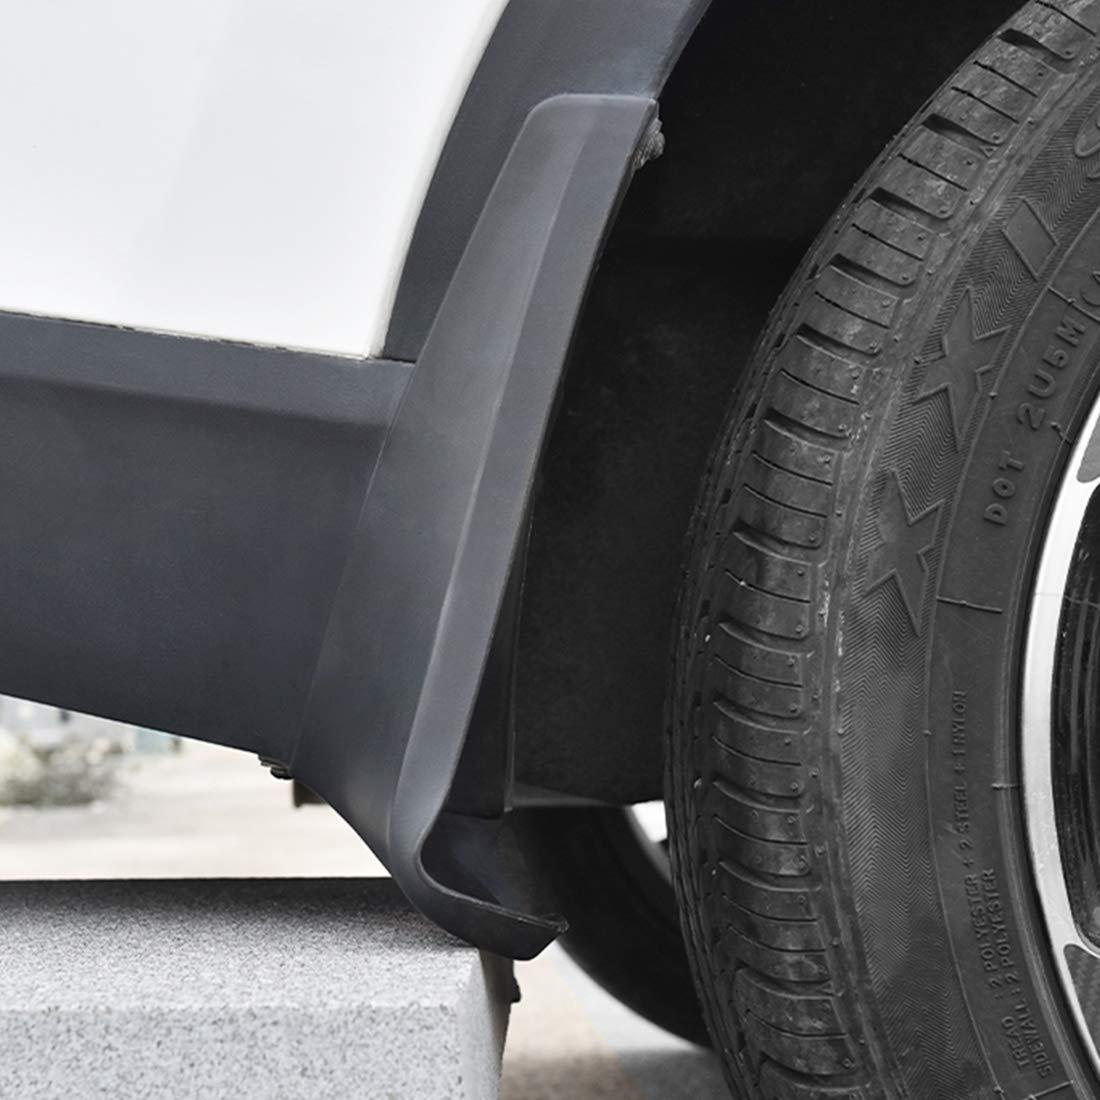 Car Mudguards Per Vitara 2015-2017 Auto Parafango Protettiva Paraspruzzi Parafanghi Posteriori Anteriore Posteriore Fango Protector Set di Sostituzione 4pcs